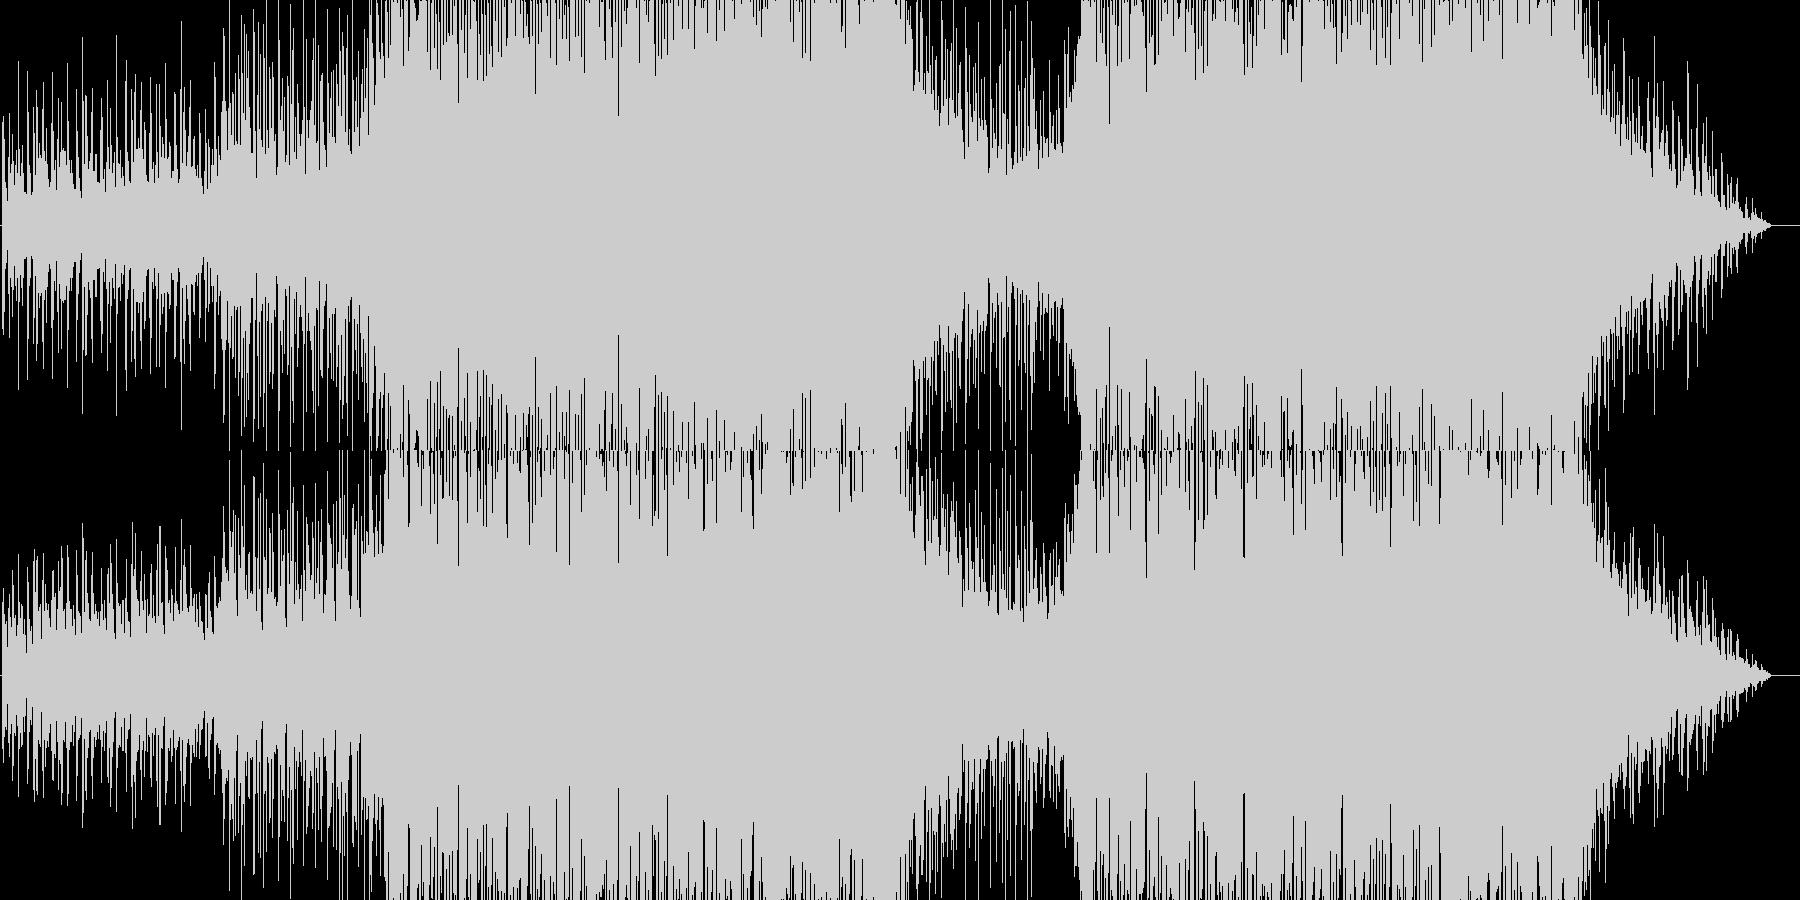 疾走感と未来感のある電子音楽の未再生の波形